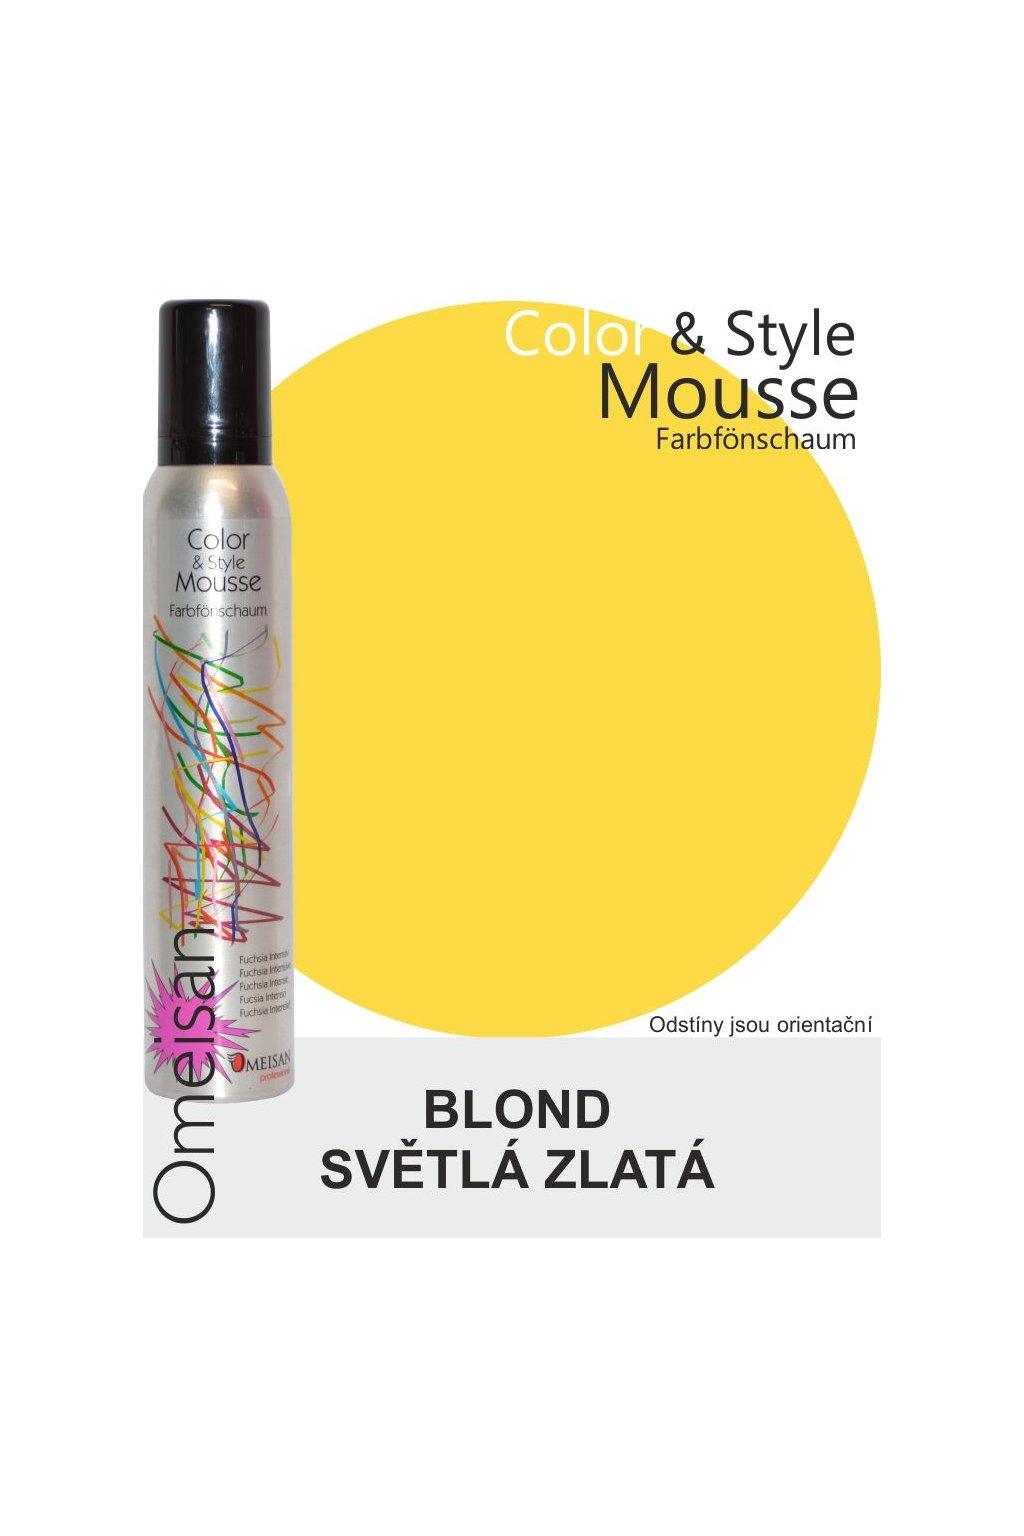 Omeisan Barevná pěna tužící Hellgoldblond 200ml Blond světlá zlatá